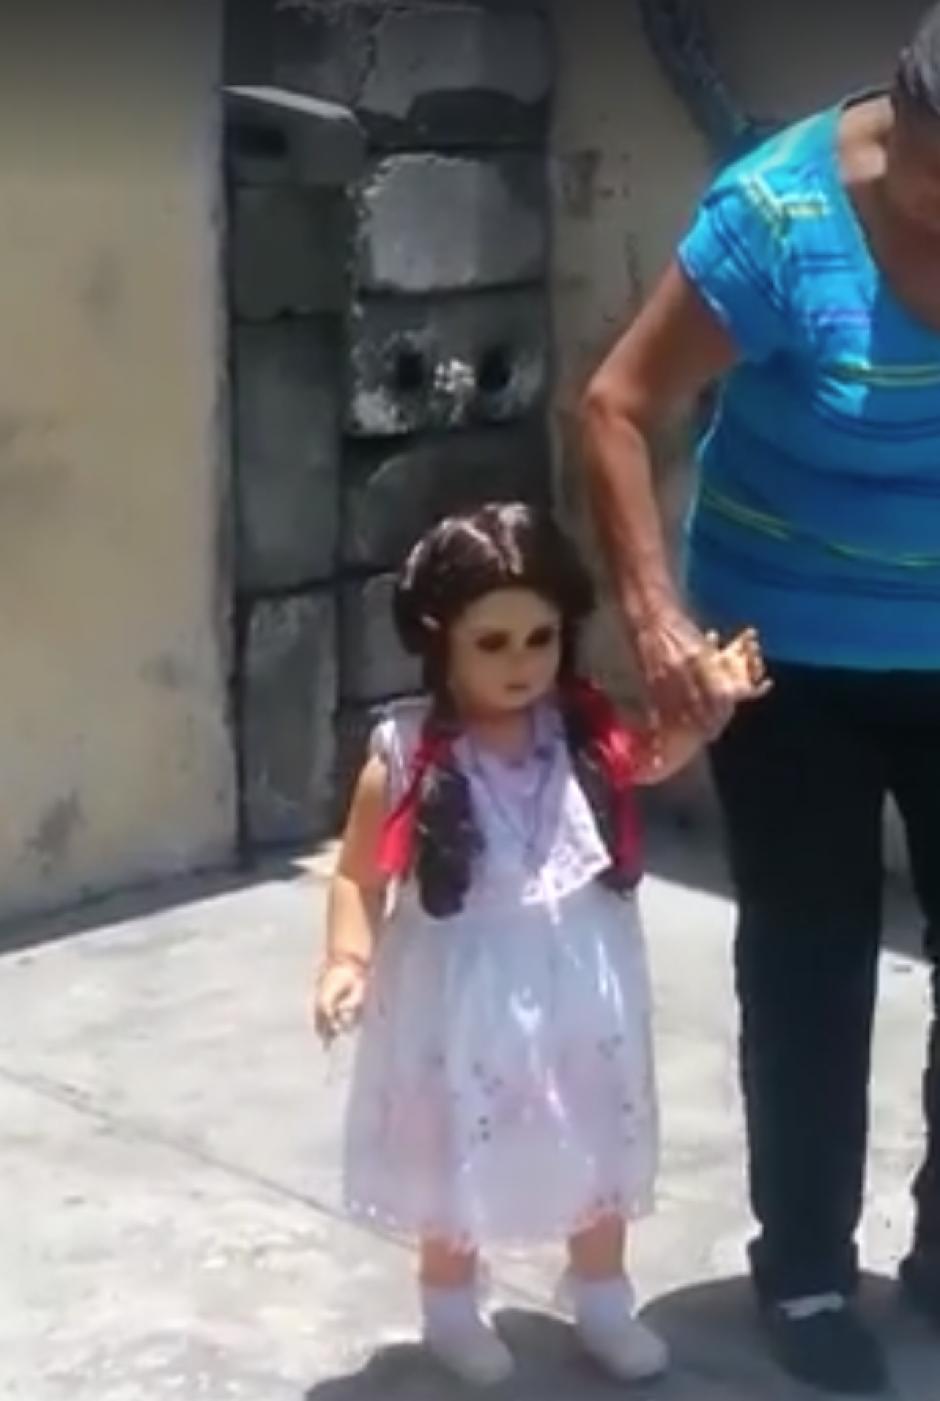 La muñeca camina junto a su dueña. (Captura de pantalla: Guillermo Ríos/Facebook)